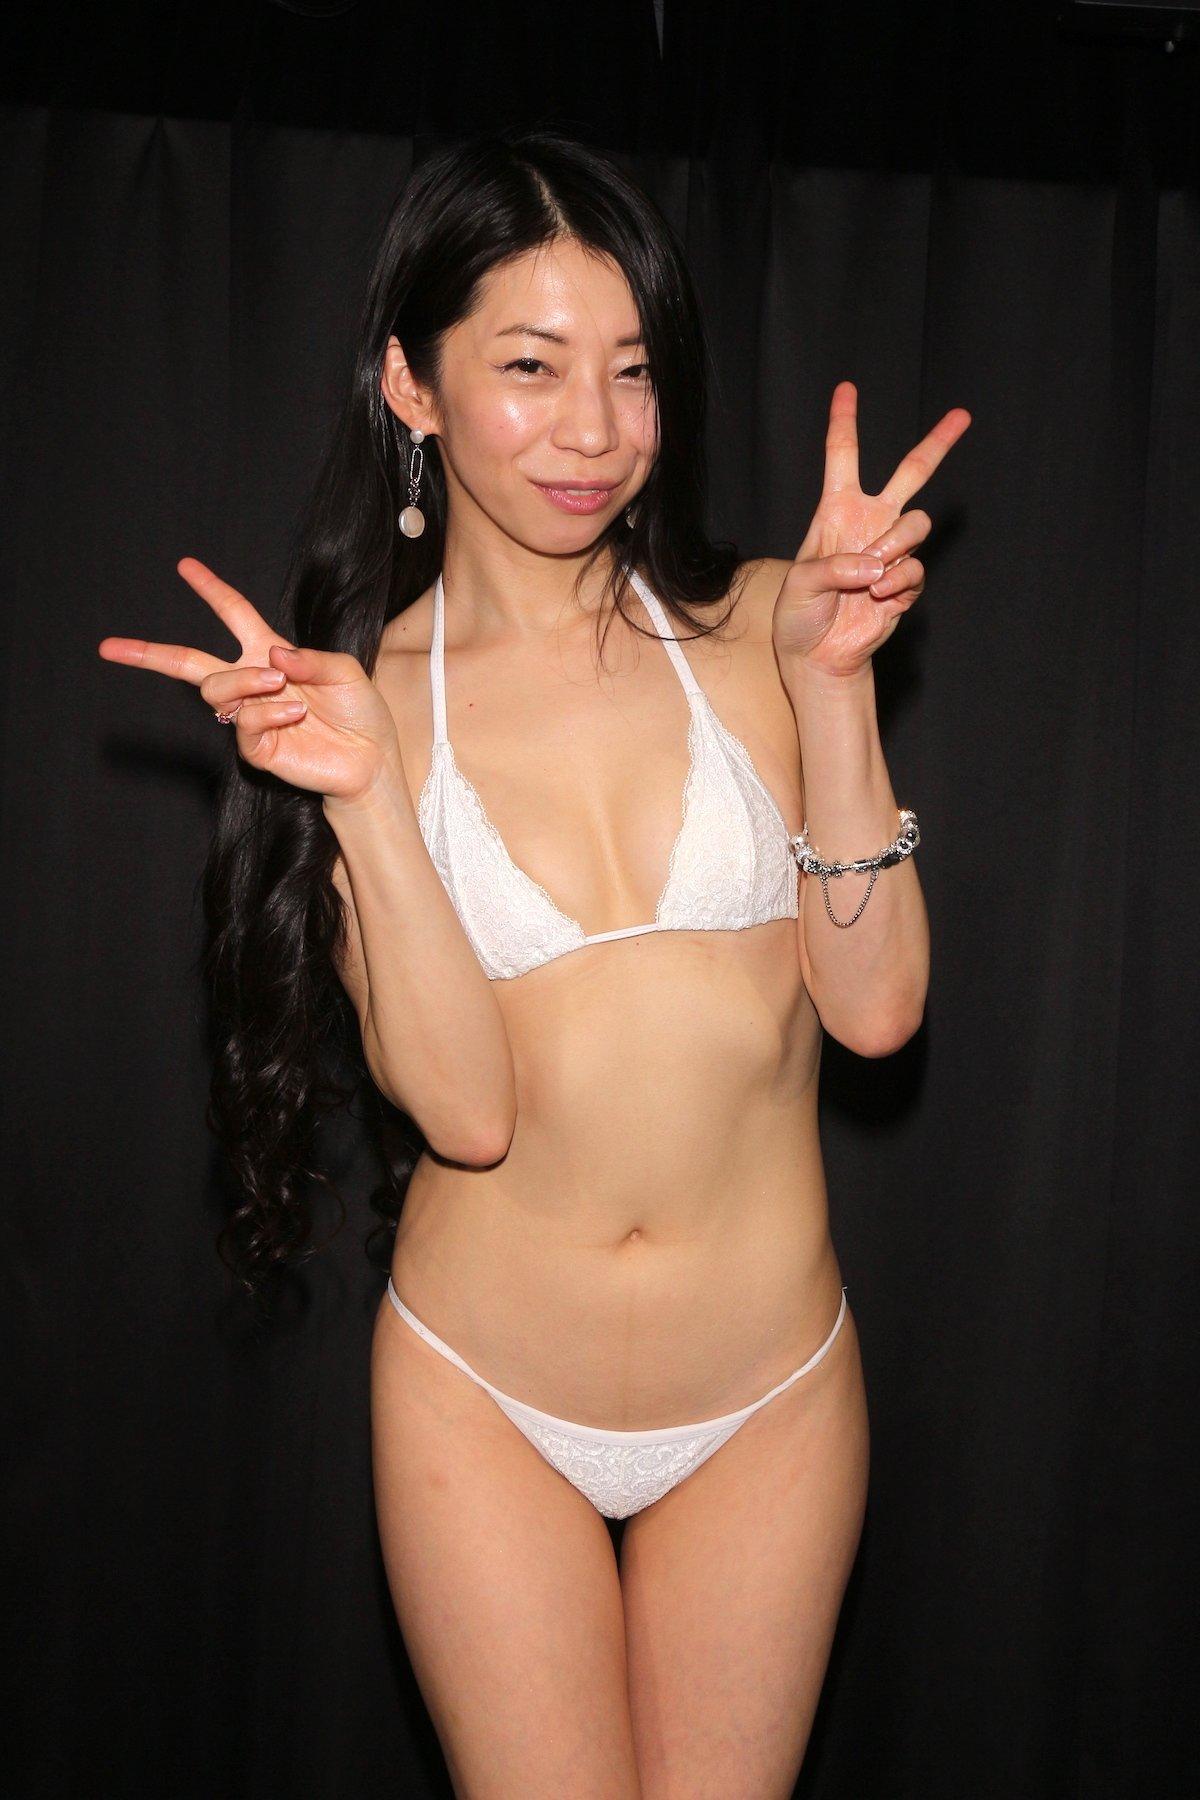 岩崎真奈「ベンチの縁にこすったり」私史上最高にセクシー【画像50枚】の画像029